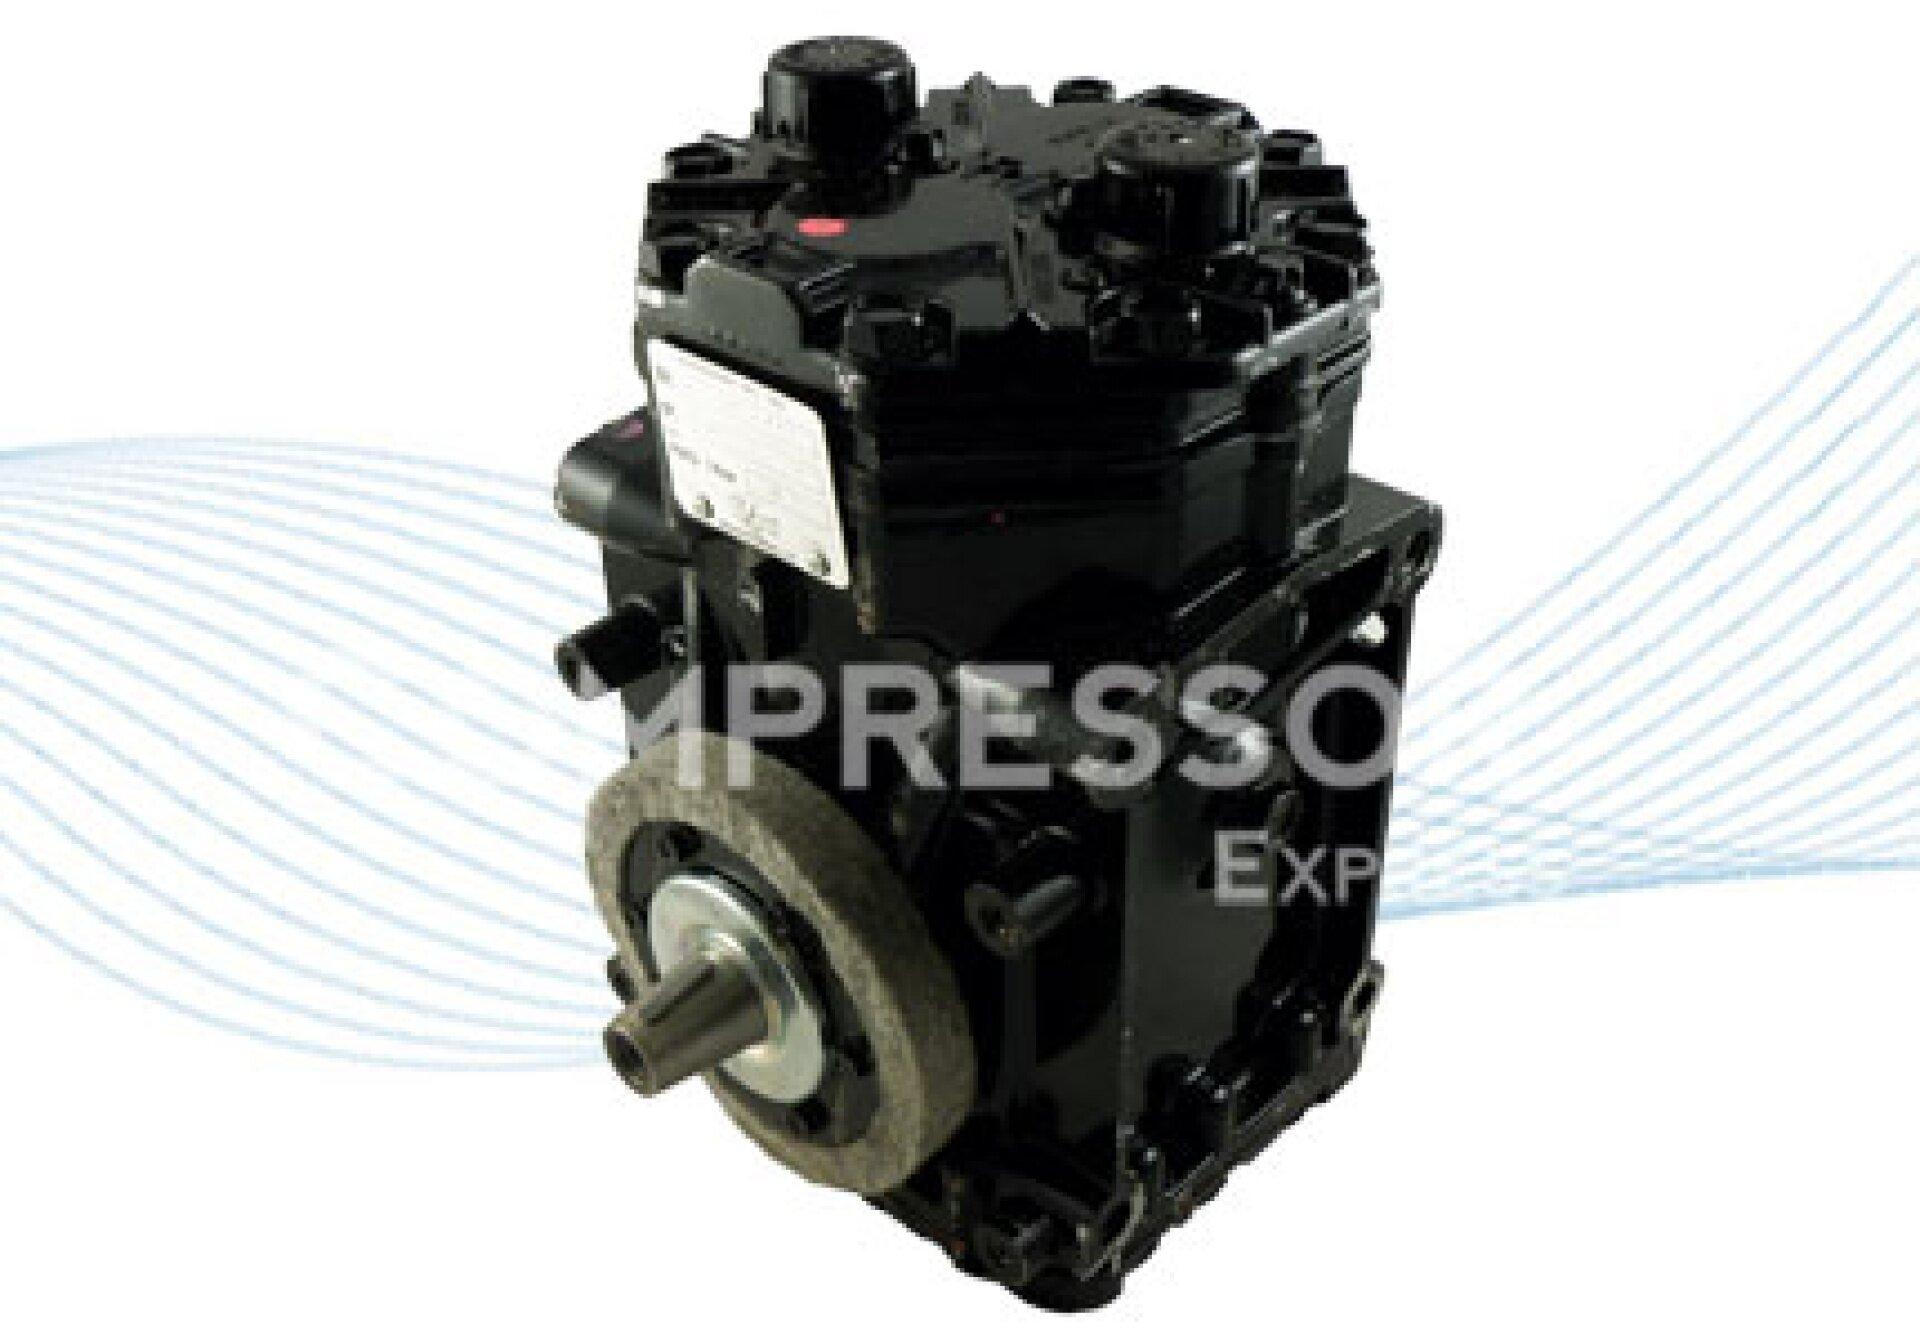 Case-Claas-New-Holland-John-Deere-Massey-Ferguson-01-ER210R-NA